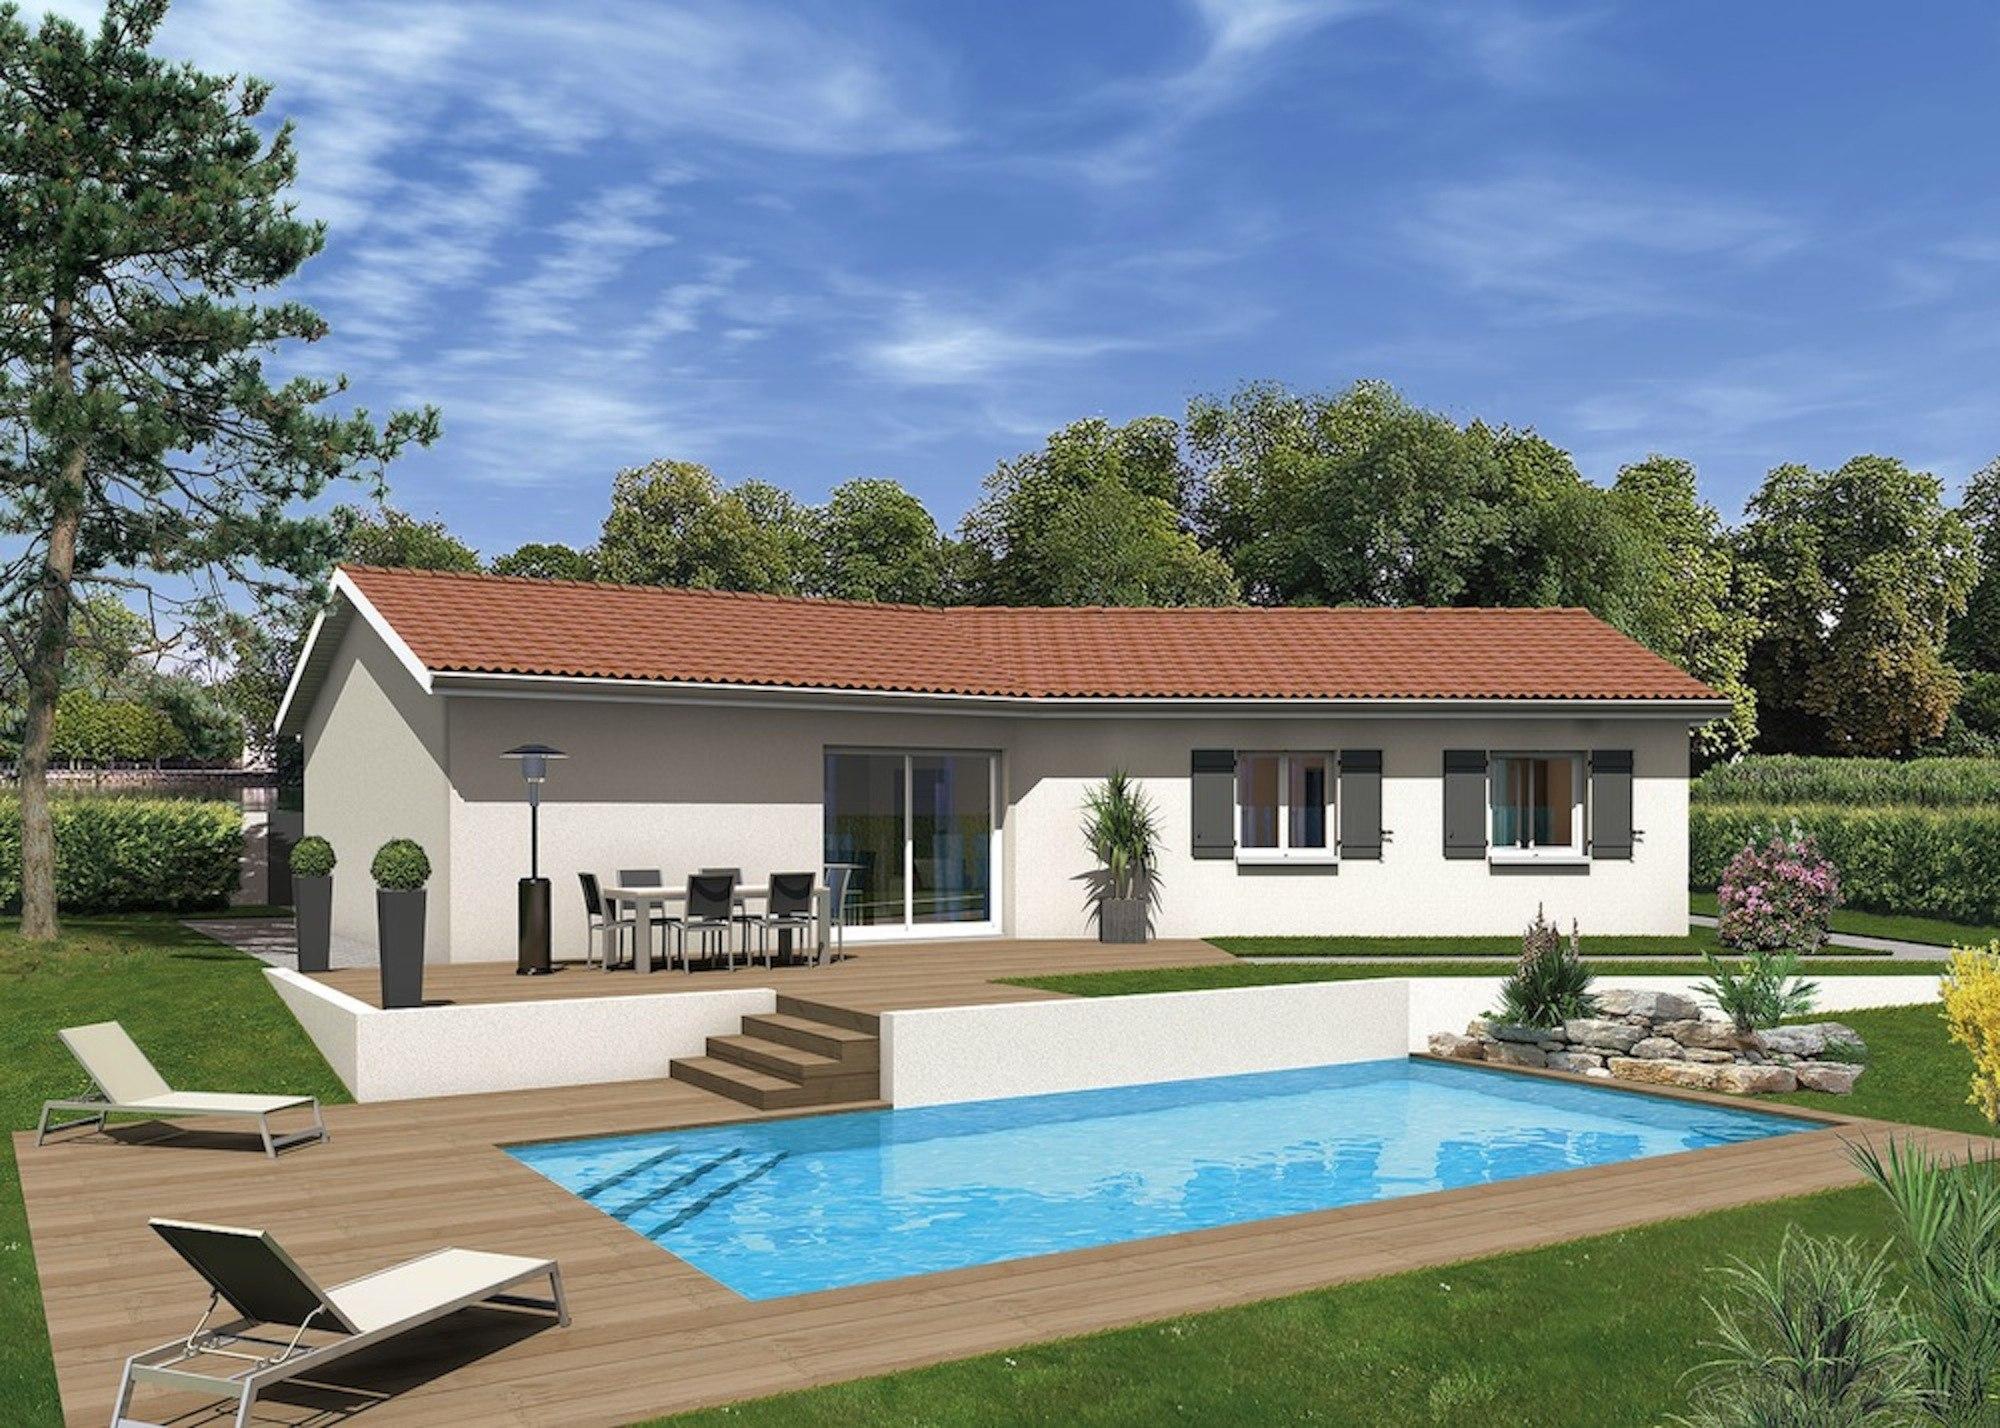 Maisons + Terrains du constructeur MAISONS PUNCH ST ETIENNE • 96 m² • MARCOUX